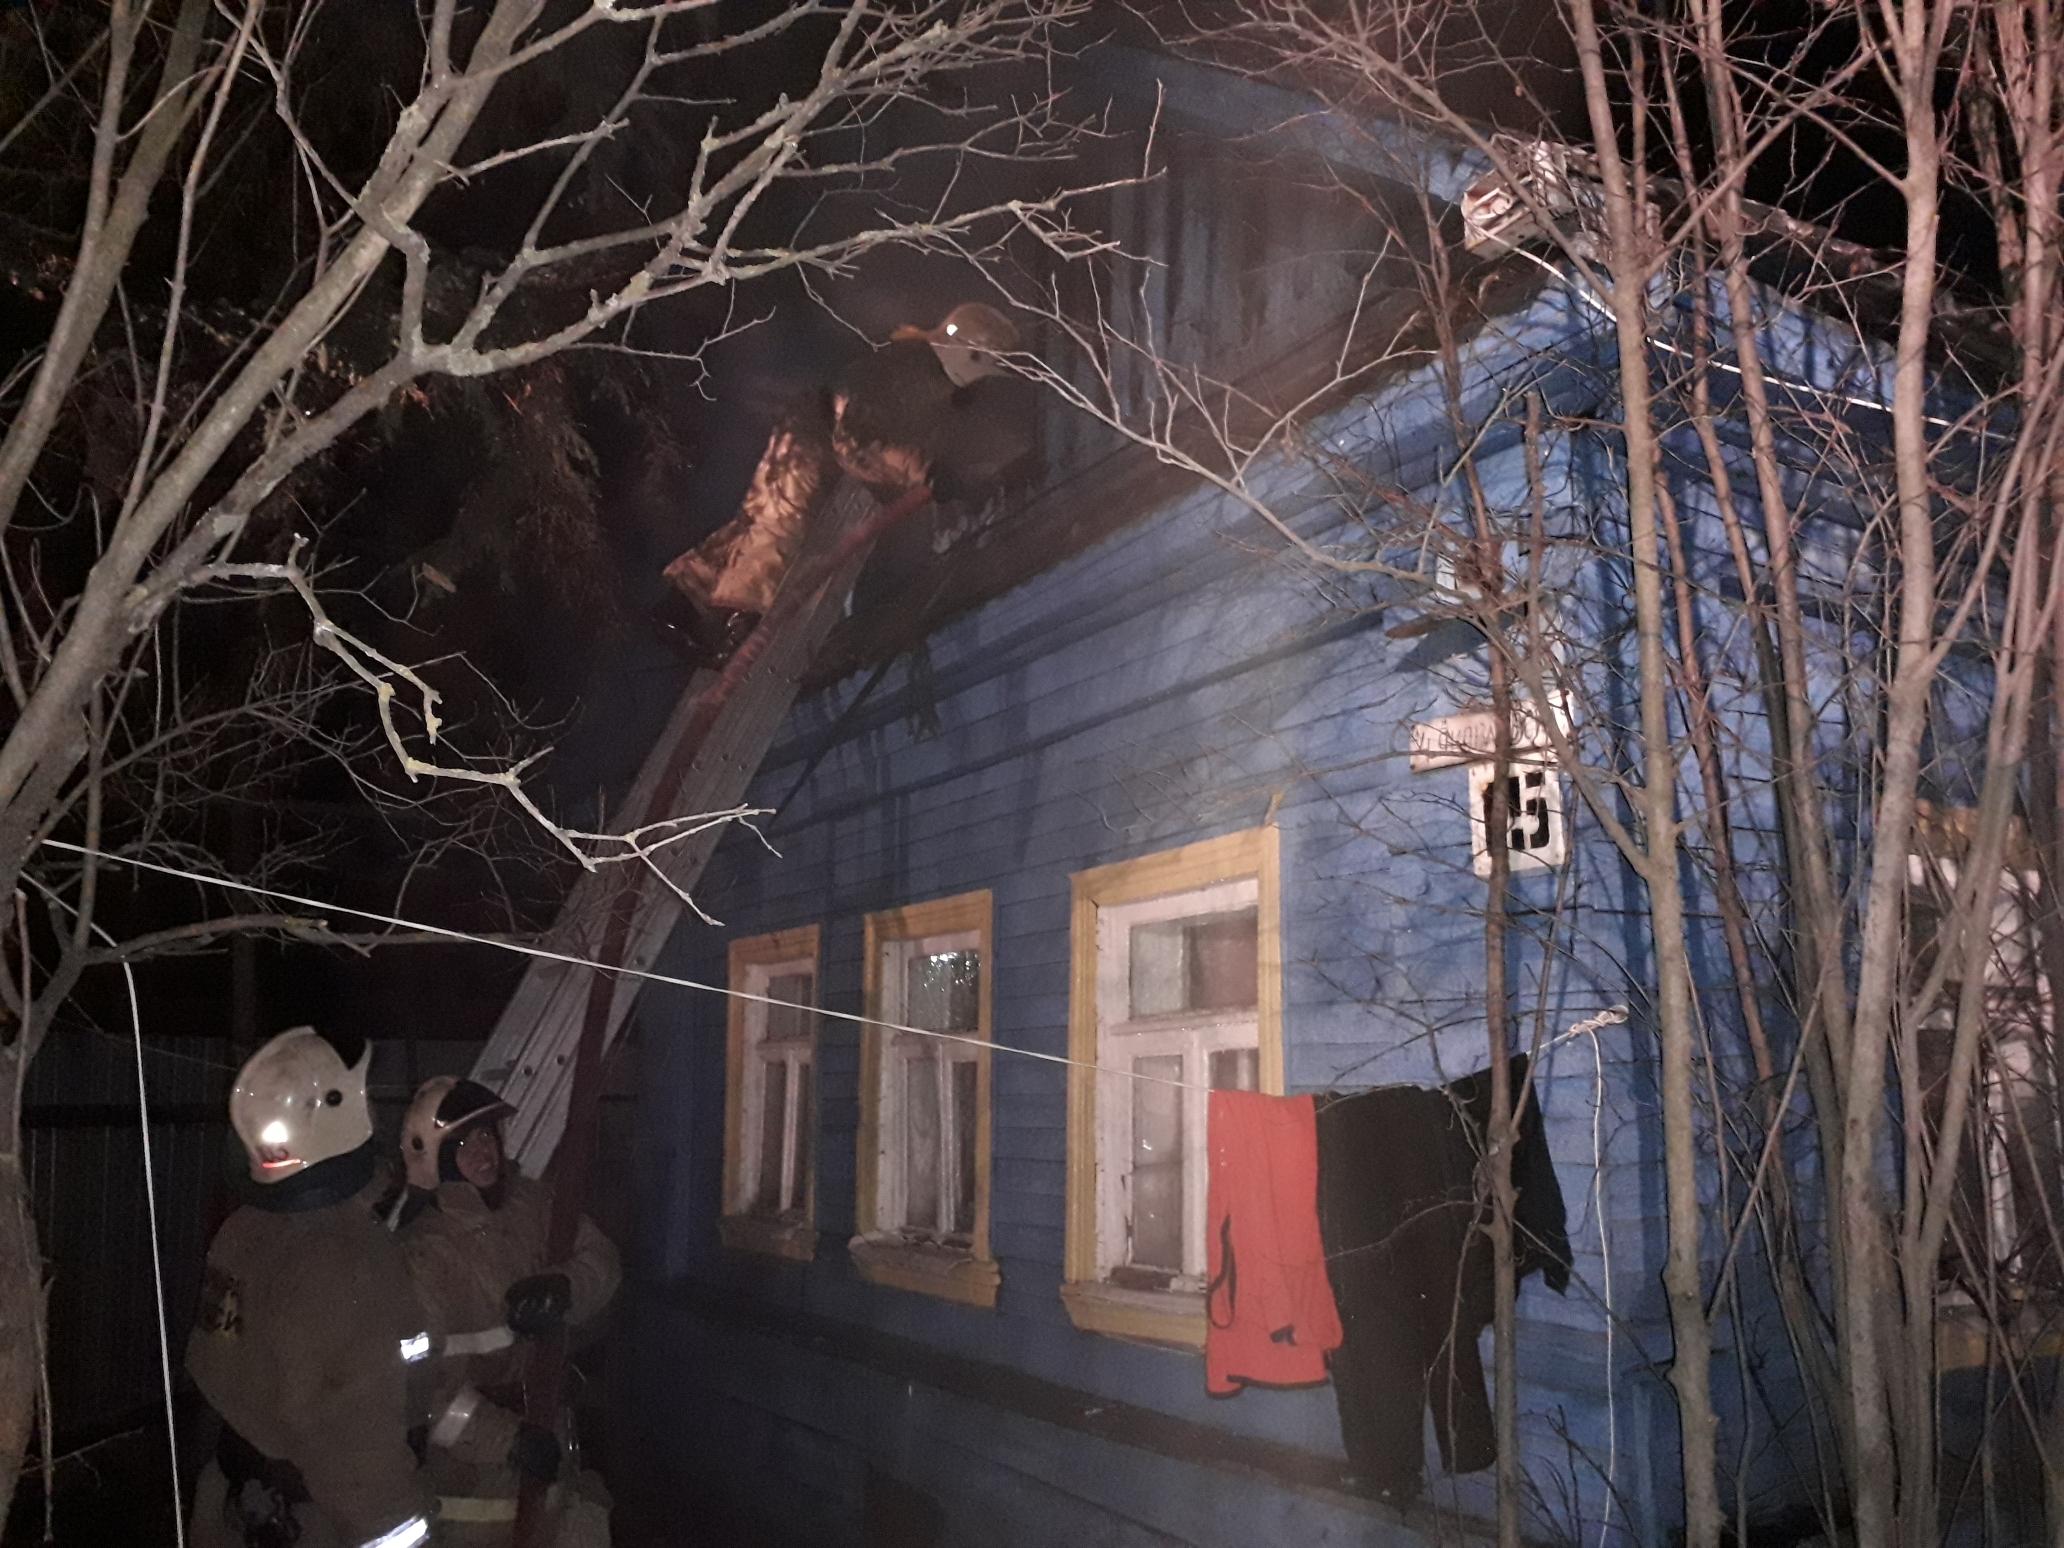 Три семьи с пятью малолетними детьми из-за пожара остались без крыши над головой